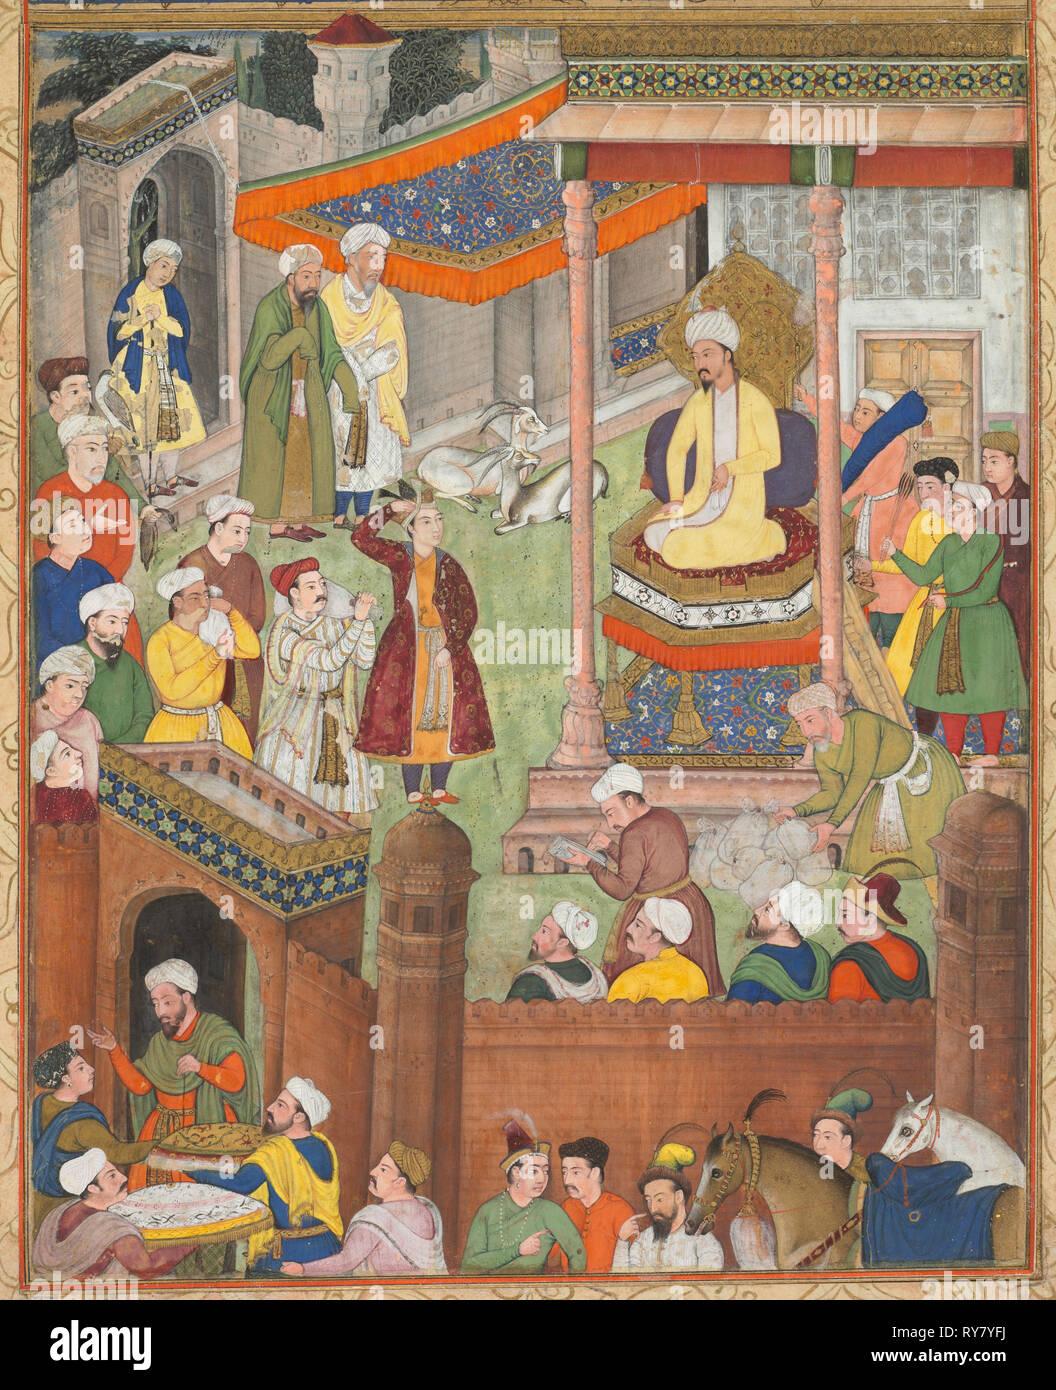 Babur et Humayun reçoit le salut de butin après la victoire sur le Sultan Ibrahim en 1526, d'un récit-nama (Livre d'Akbar) de Abu'l Fazl (Indiens, 1551-1602), ch. 1596-1597 ou 1604. L'Inde moghole, cour, faite pour l'empereur Akbar. Aquarelle sur papier opaque, monté sur une page d'album avec des bordures d'or, décorés en papier crème; page: 42 x 27,6 cm (16 9/16 x 10 7/8 po Photo Stock